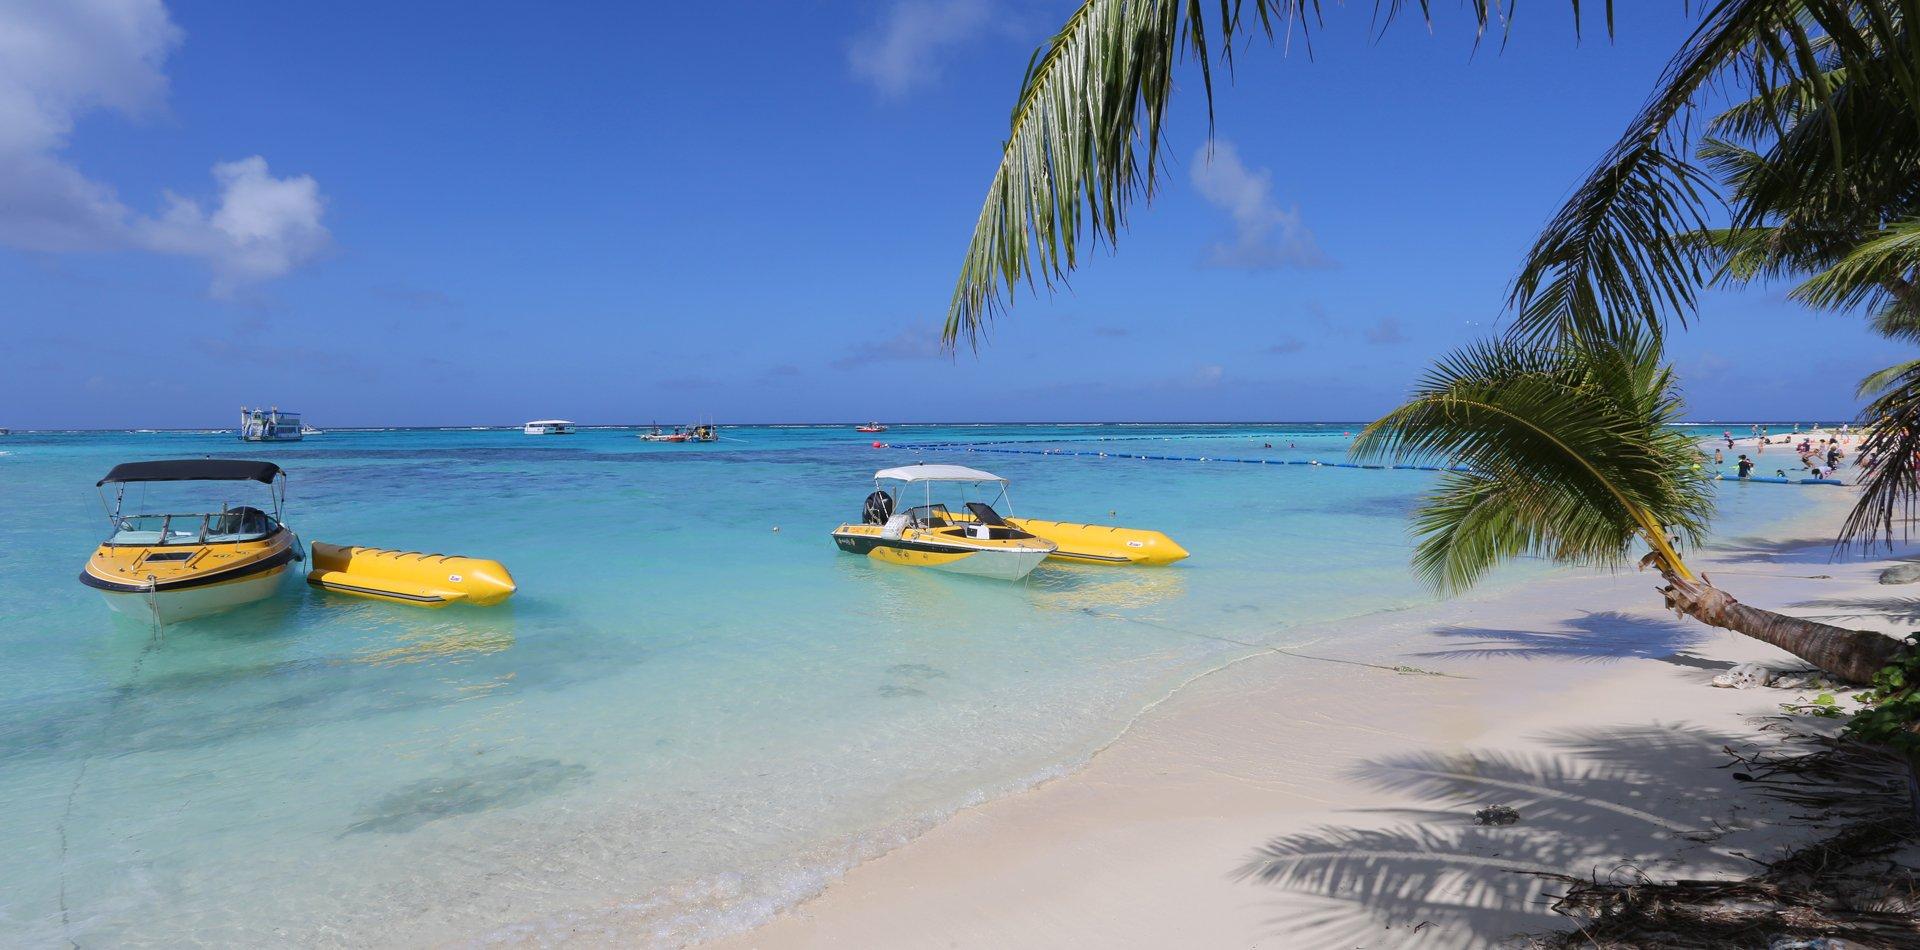 从冬天穿越到夏天,只为塞班岛那片蓝天那片海